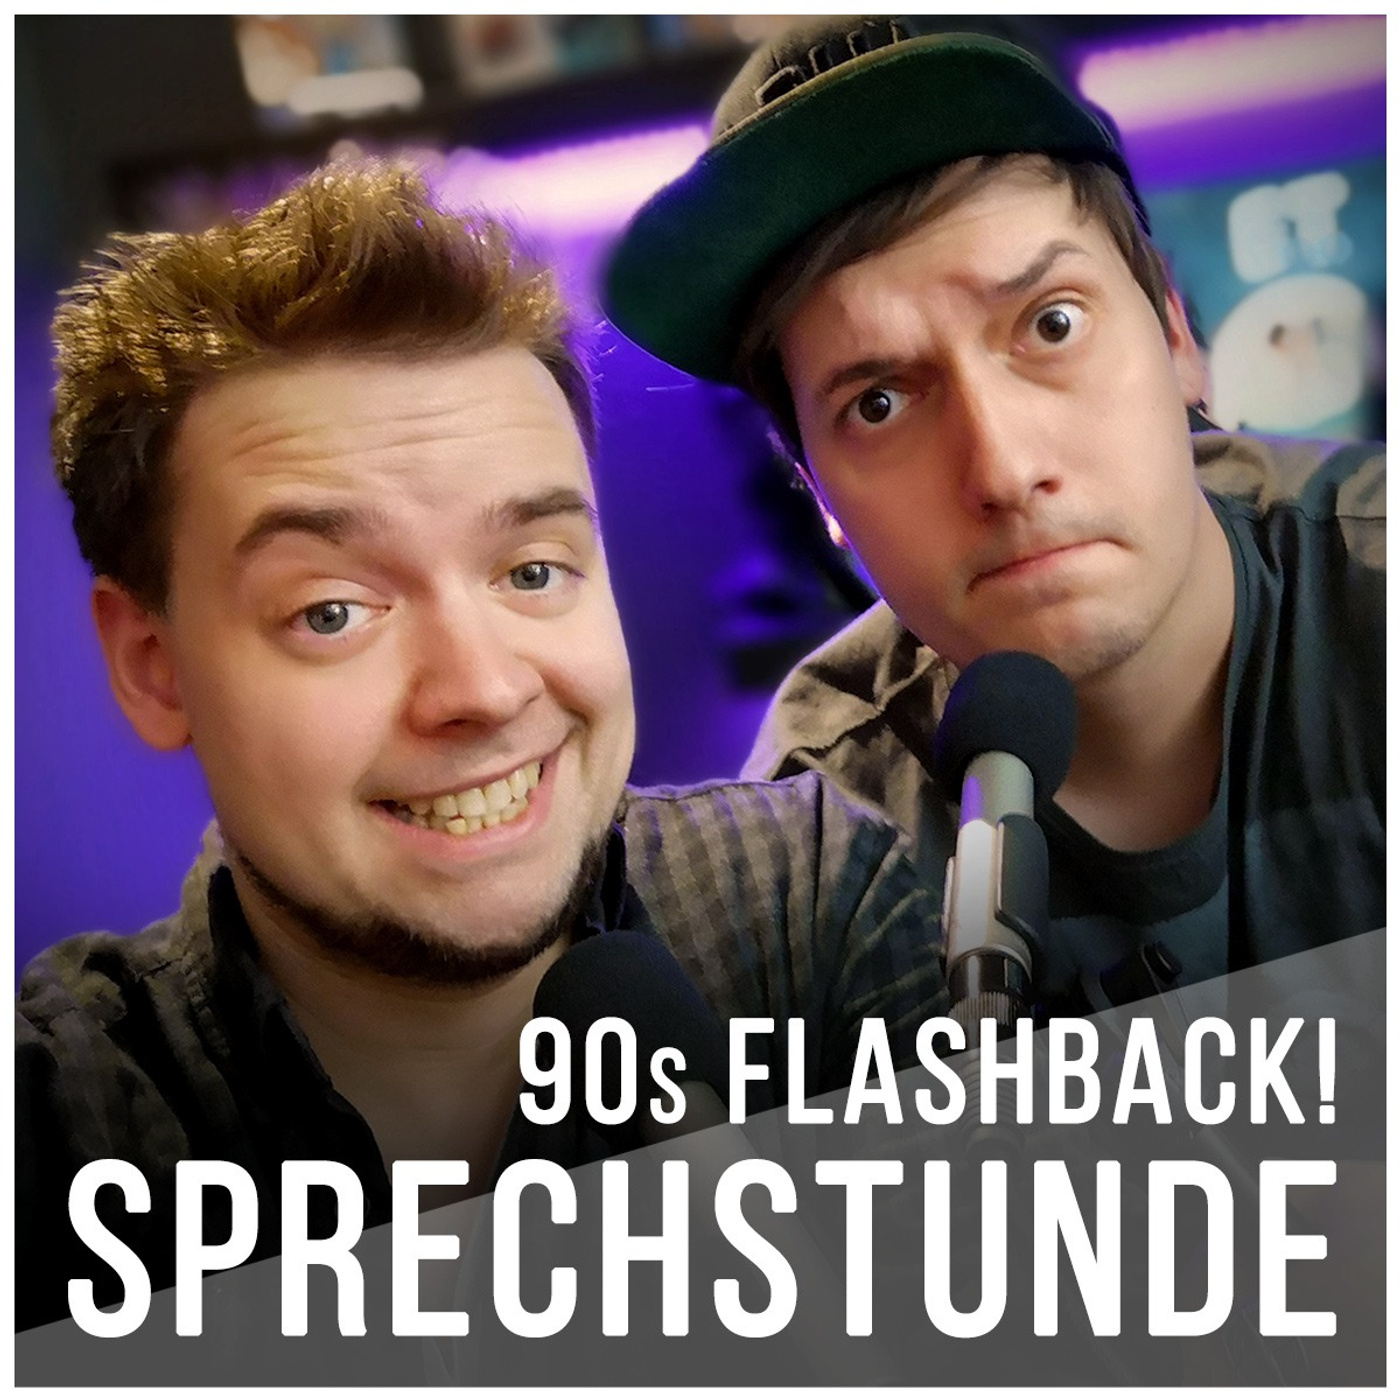 Back to the 90s! Über Musik, Filme und Ängste unserer Kindheit - #Sprechstunde 17. Oktober 2019